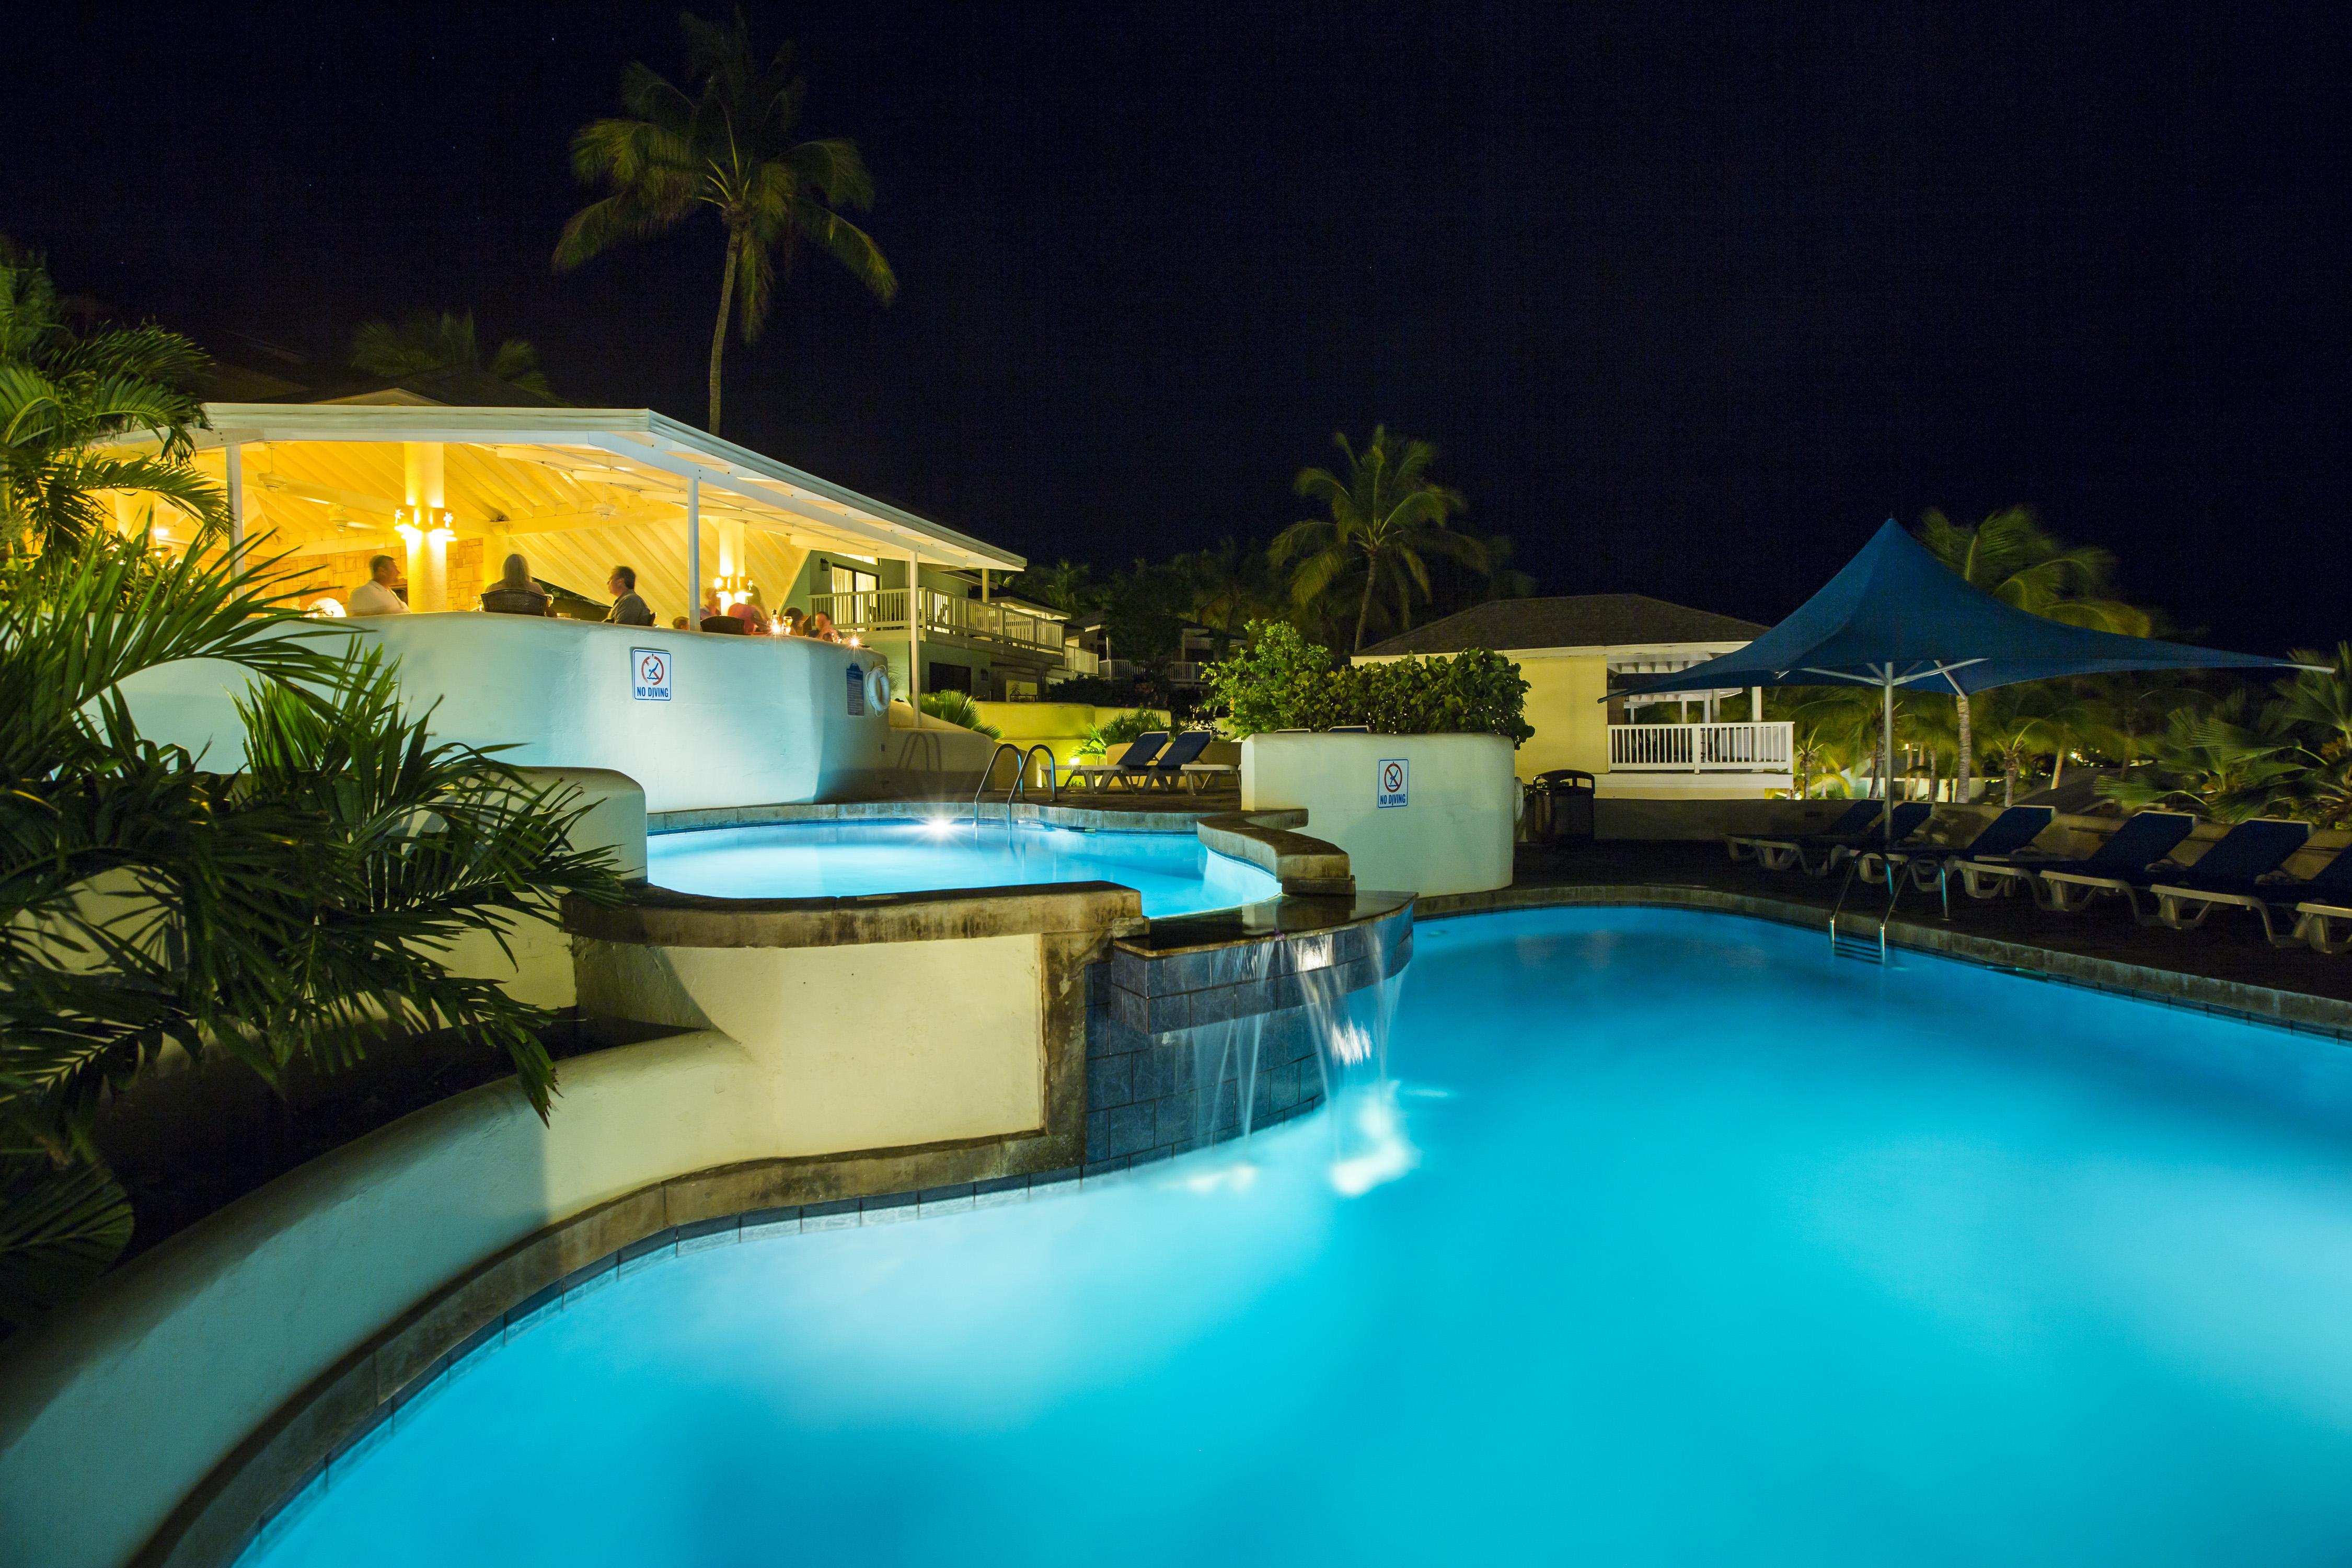 st james 39 s club resort. Black Bedroom Furniture Sets. Home Design Ideas